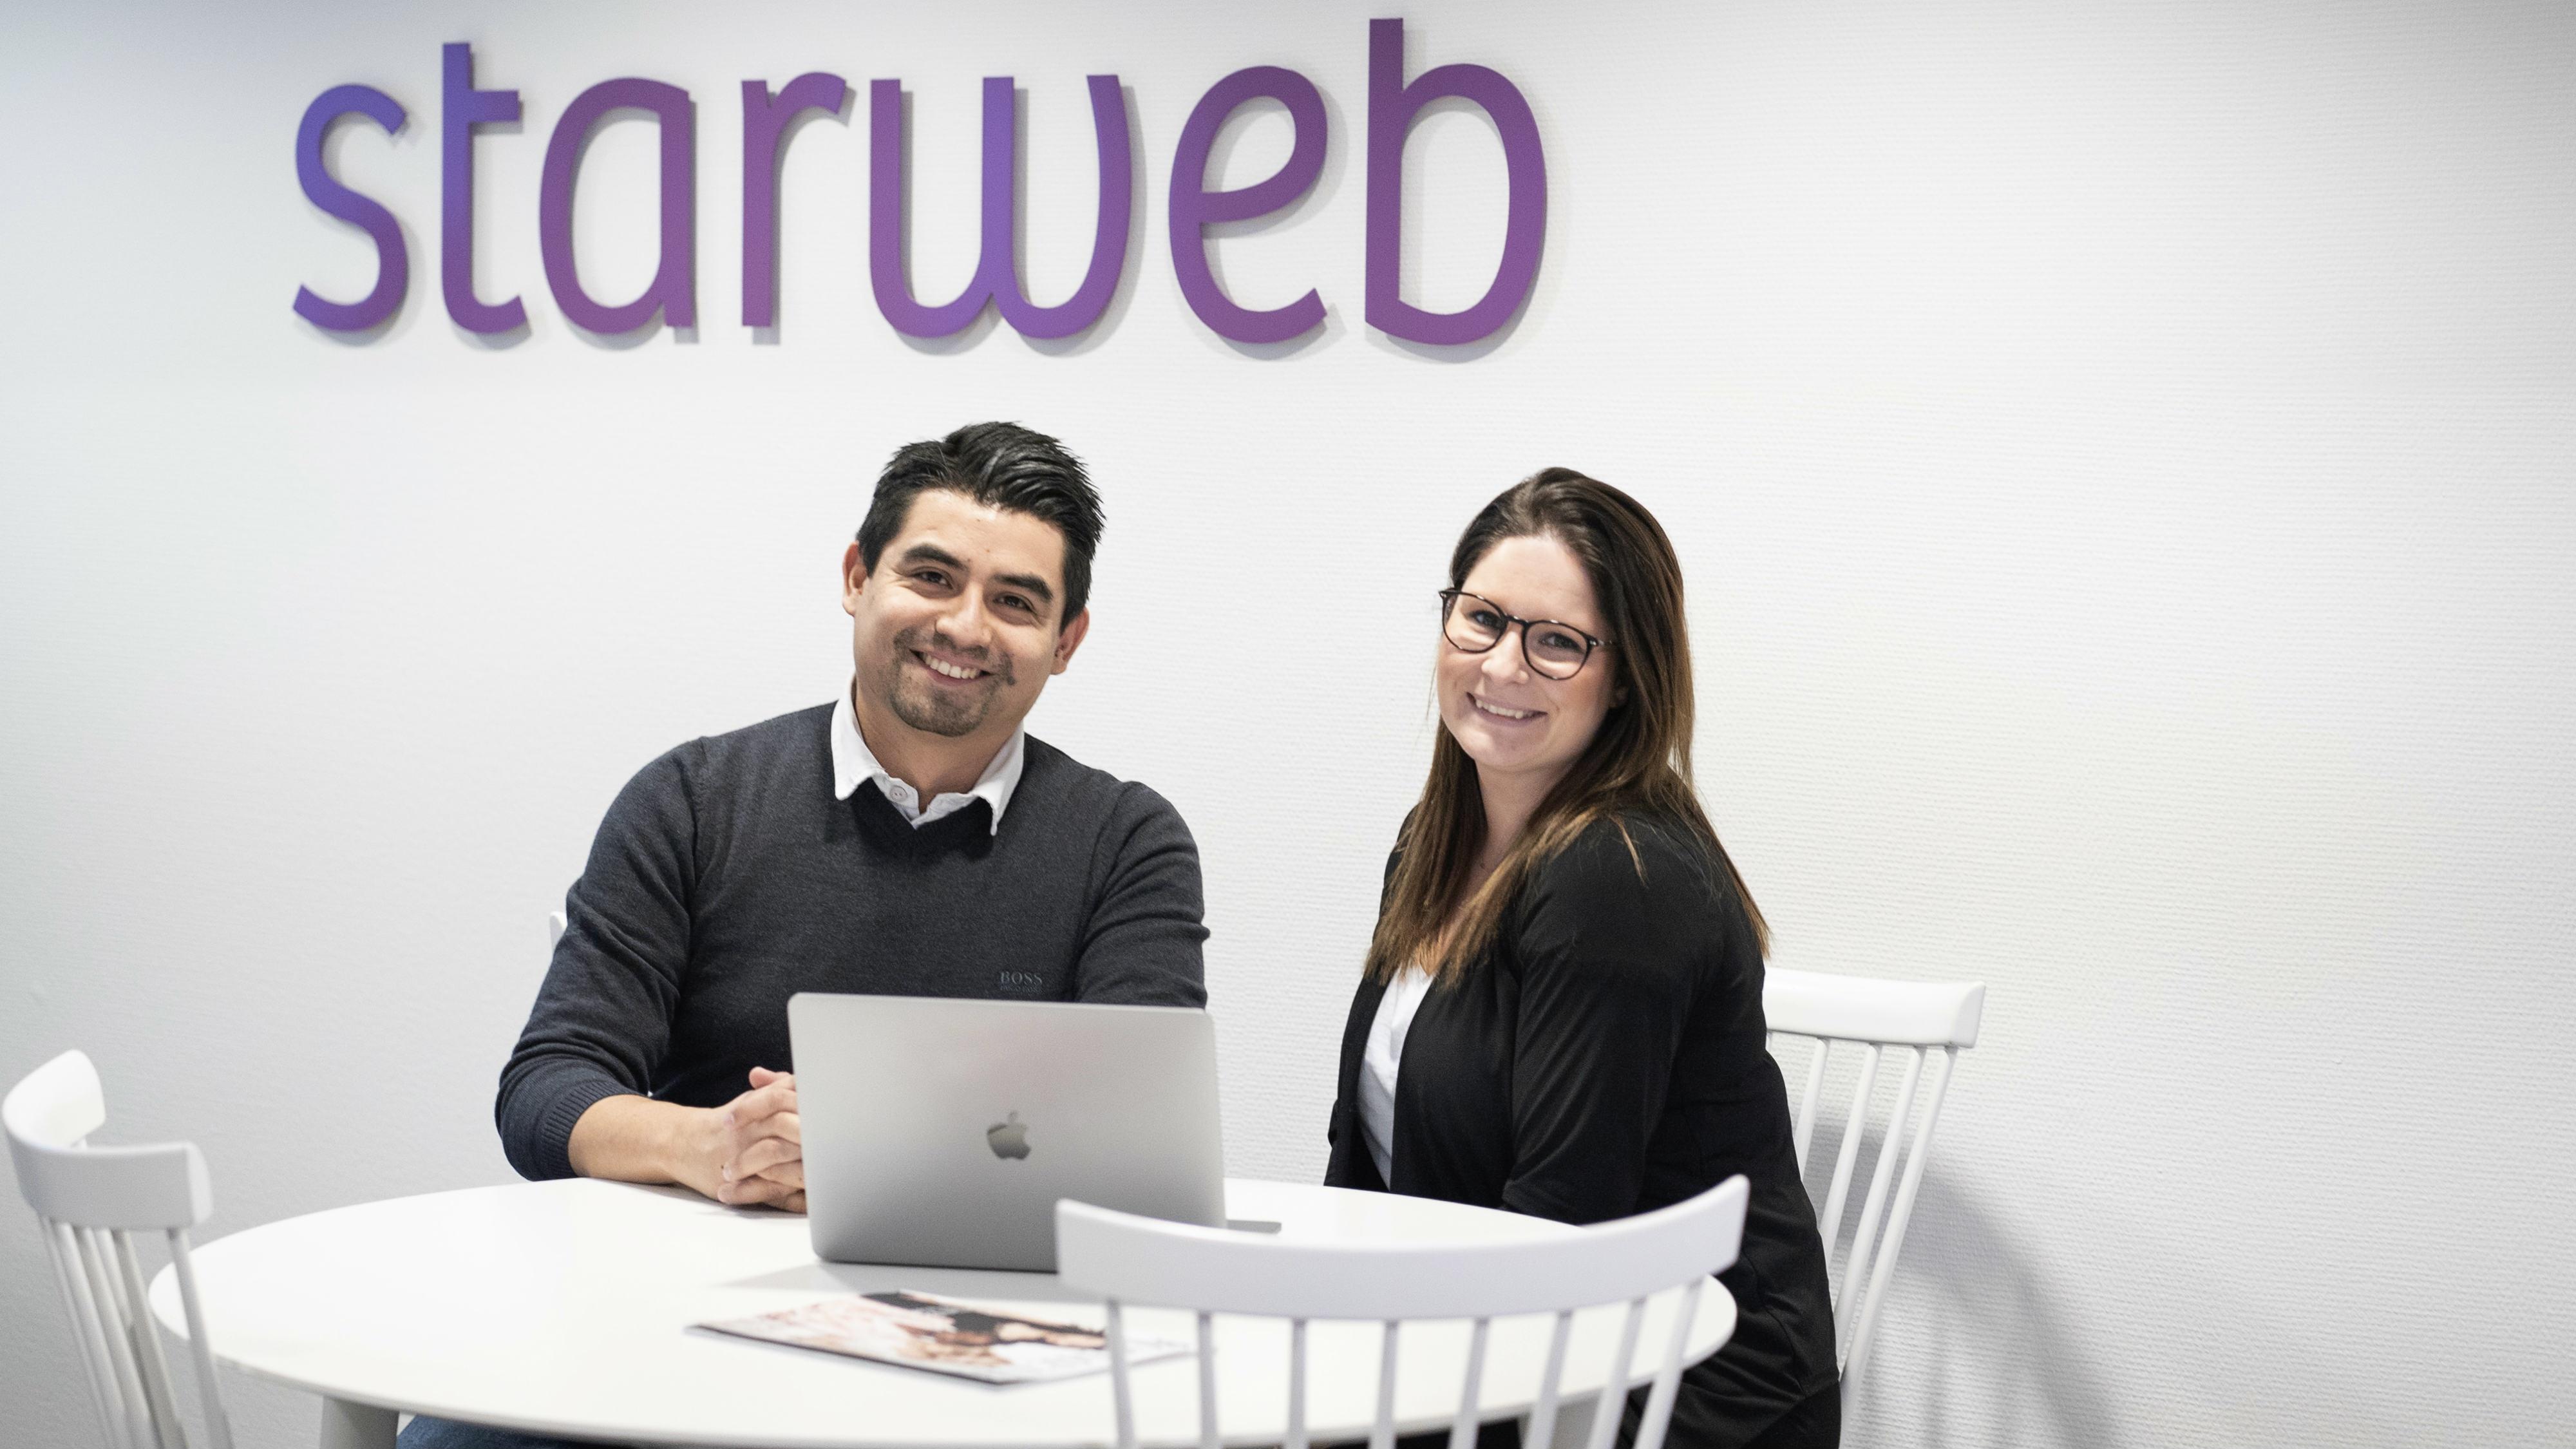 Gabriel och Patrycja är nyanställda på Starweb